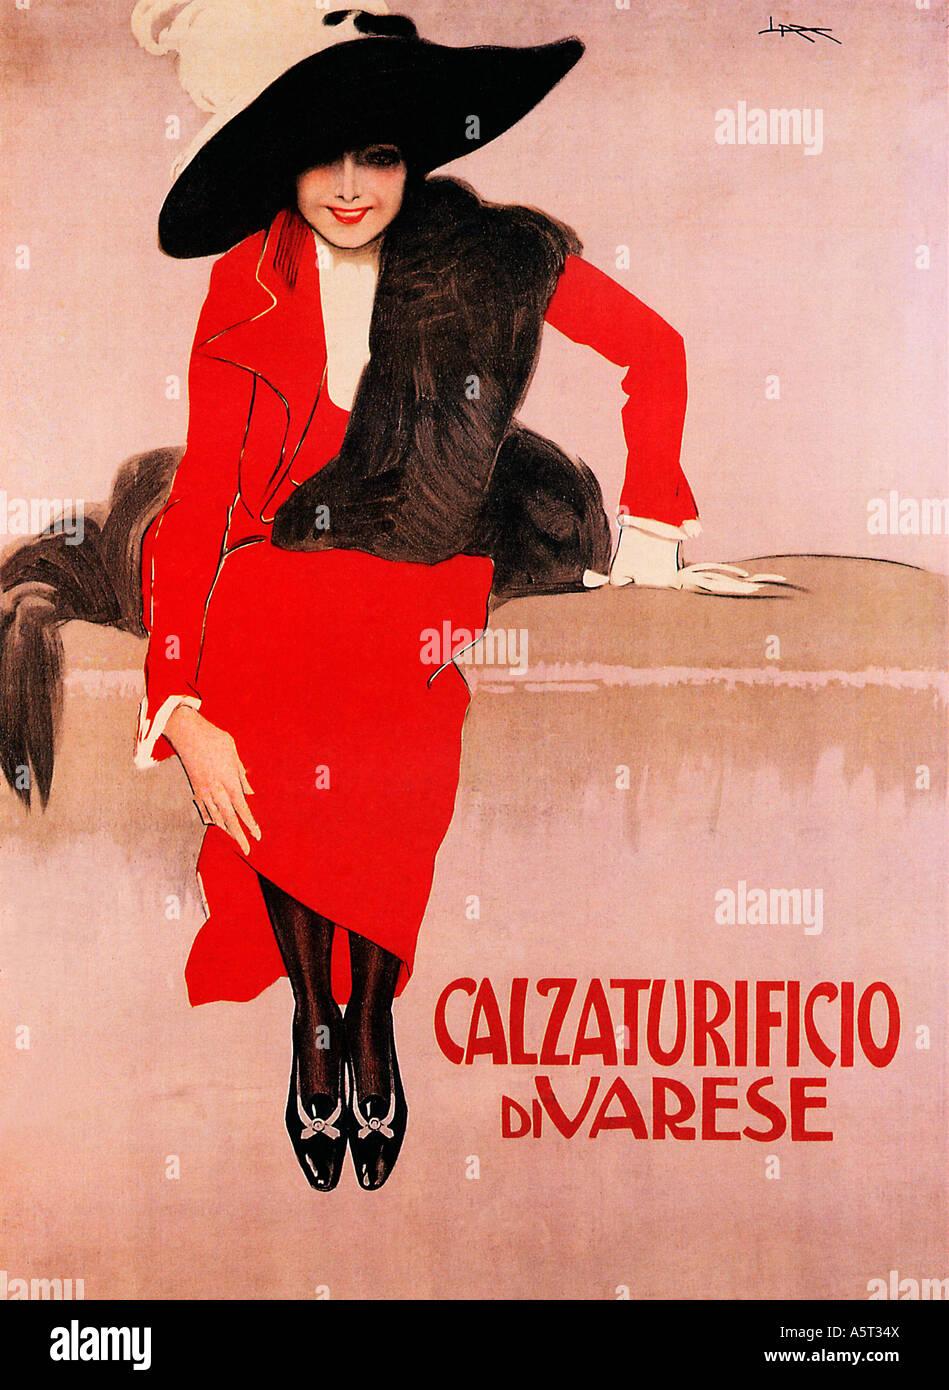 Calzaturificio di Varese classic 1914 poster di Metlicovitz per le scarpe  italiane da Milano Immagini Stock 25d85f602a1